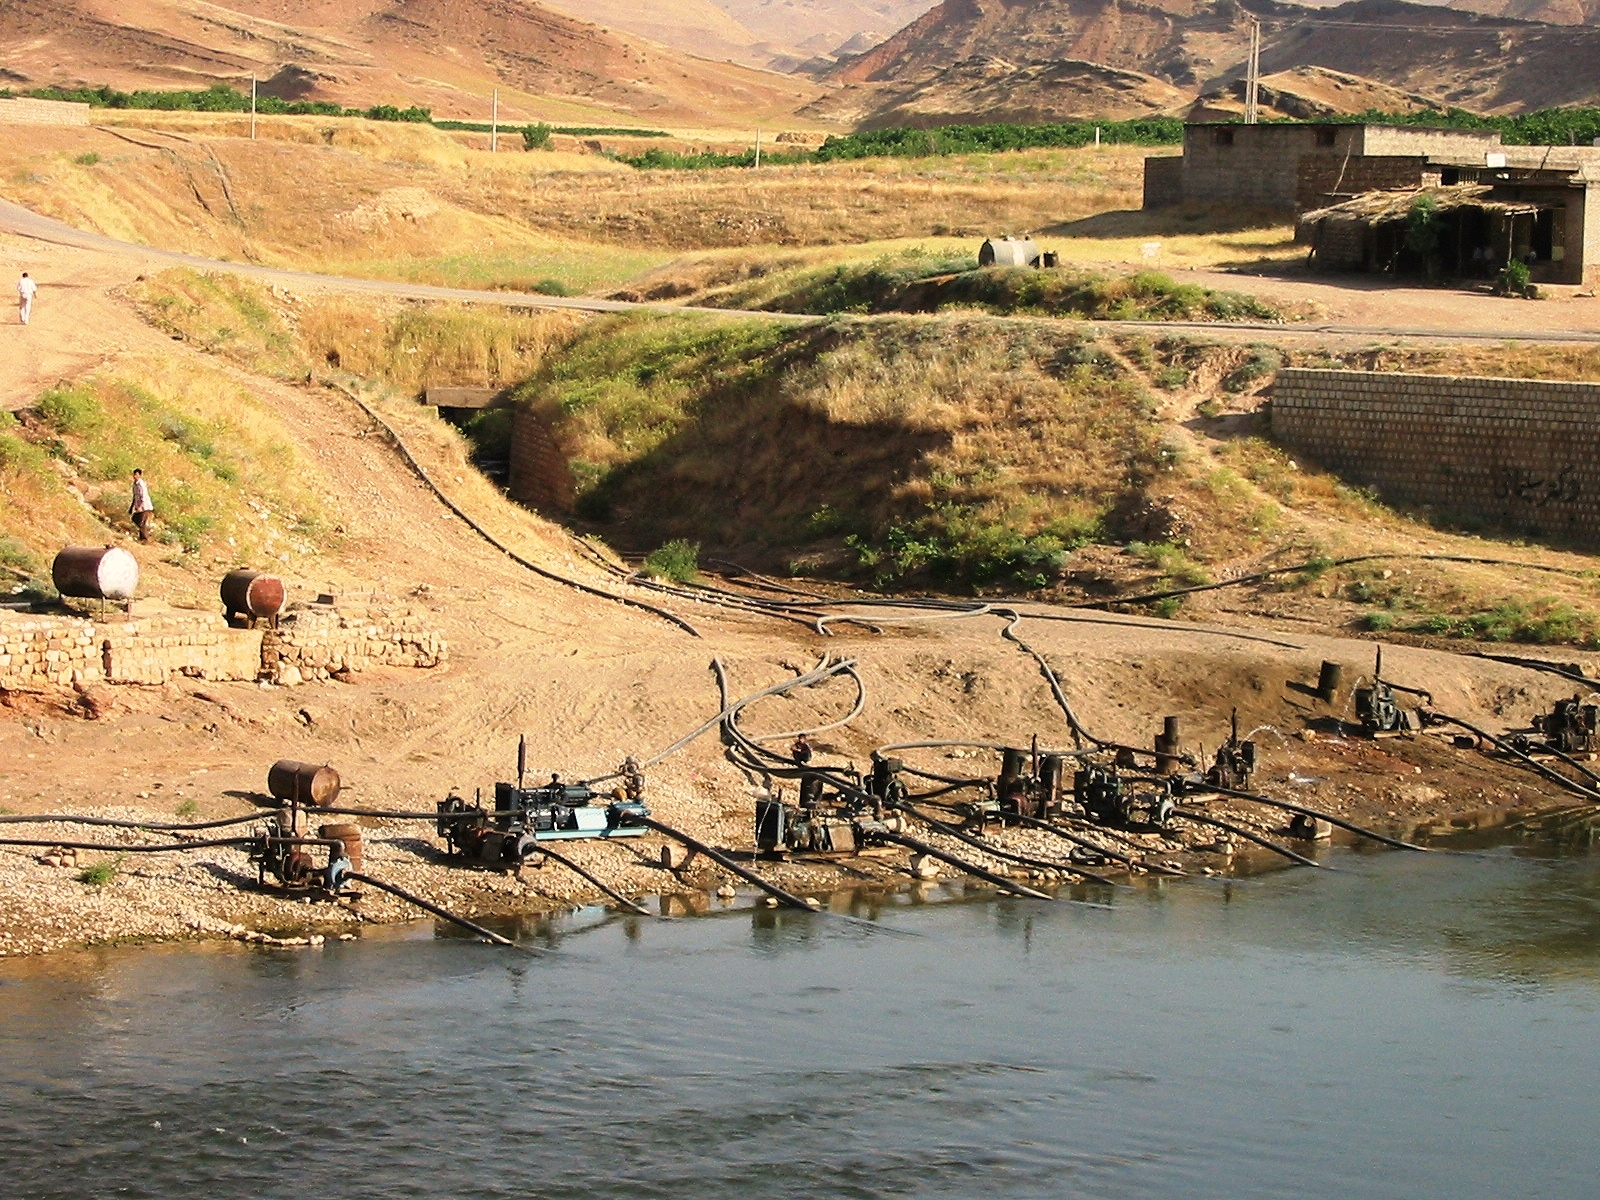 Vízhiány fenyegeti Iránt, és ezért csak magát okolhatja